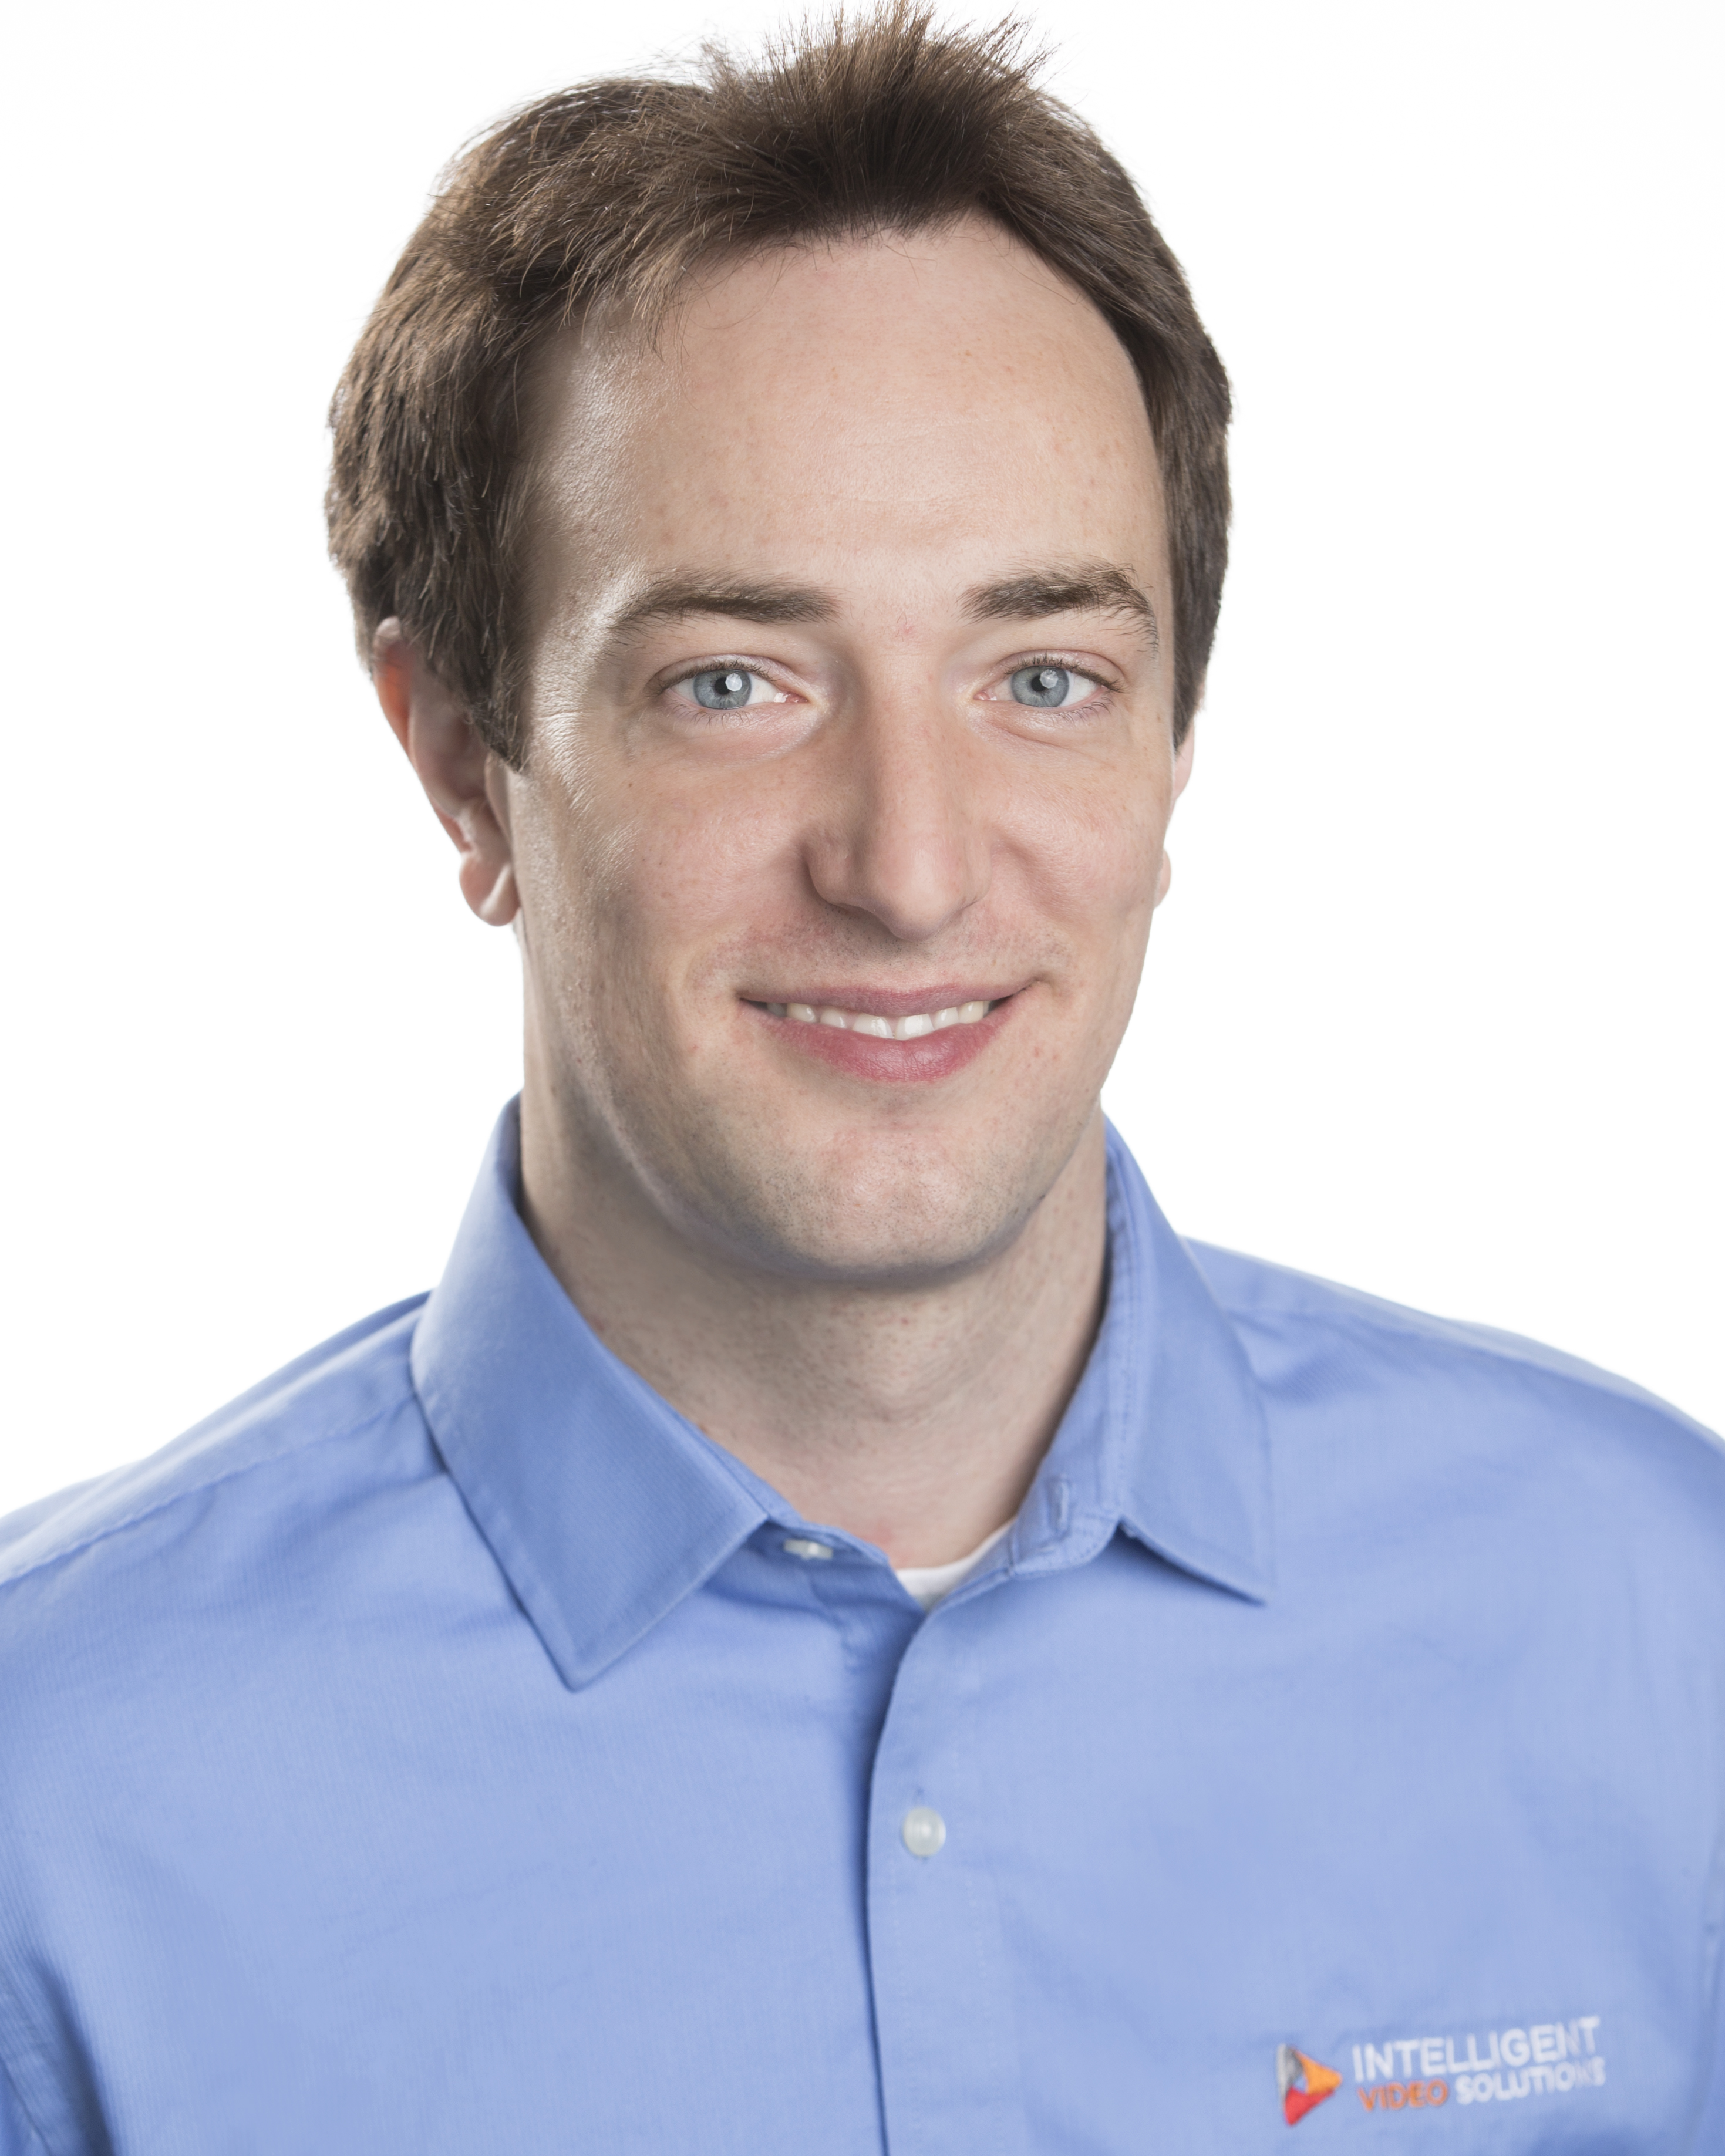 Steve Sopko